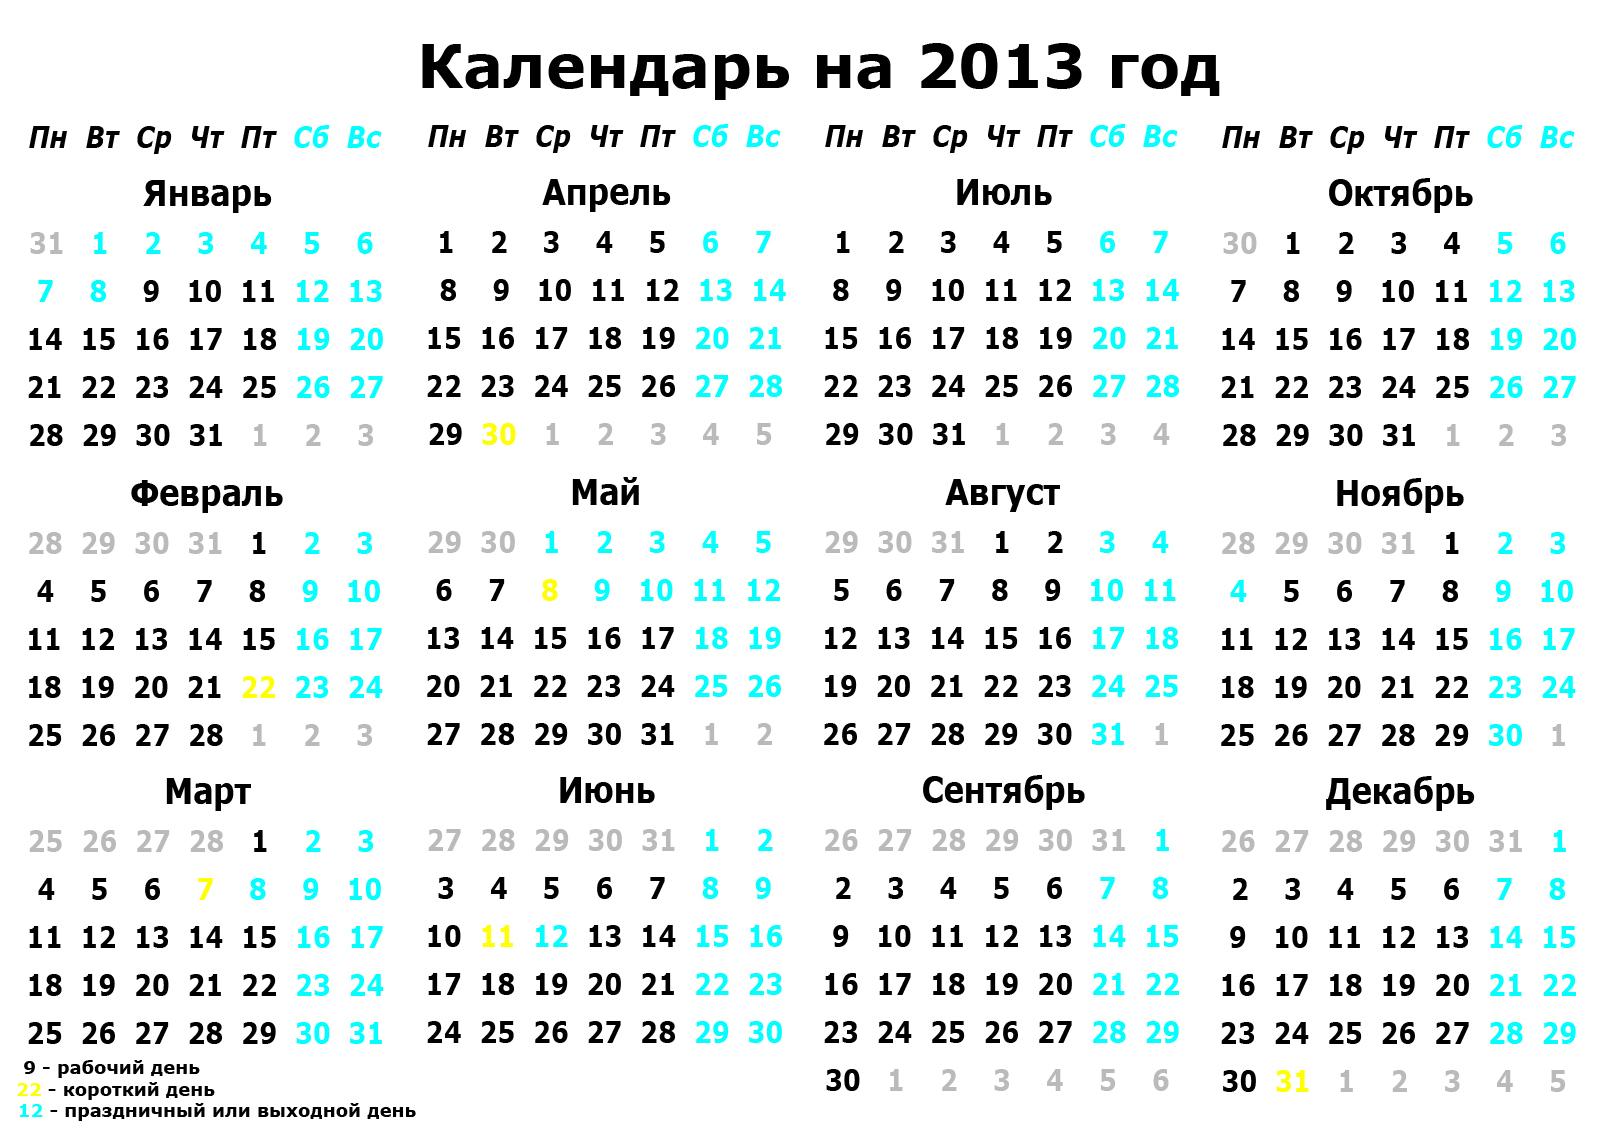 Календарь на 2013 год для Украины скачать и распечатать бесплатно.